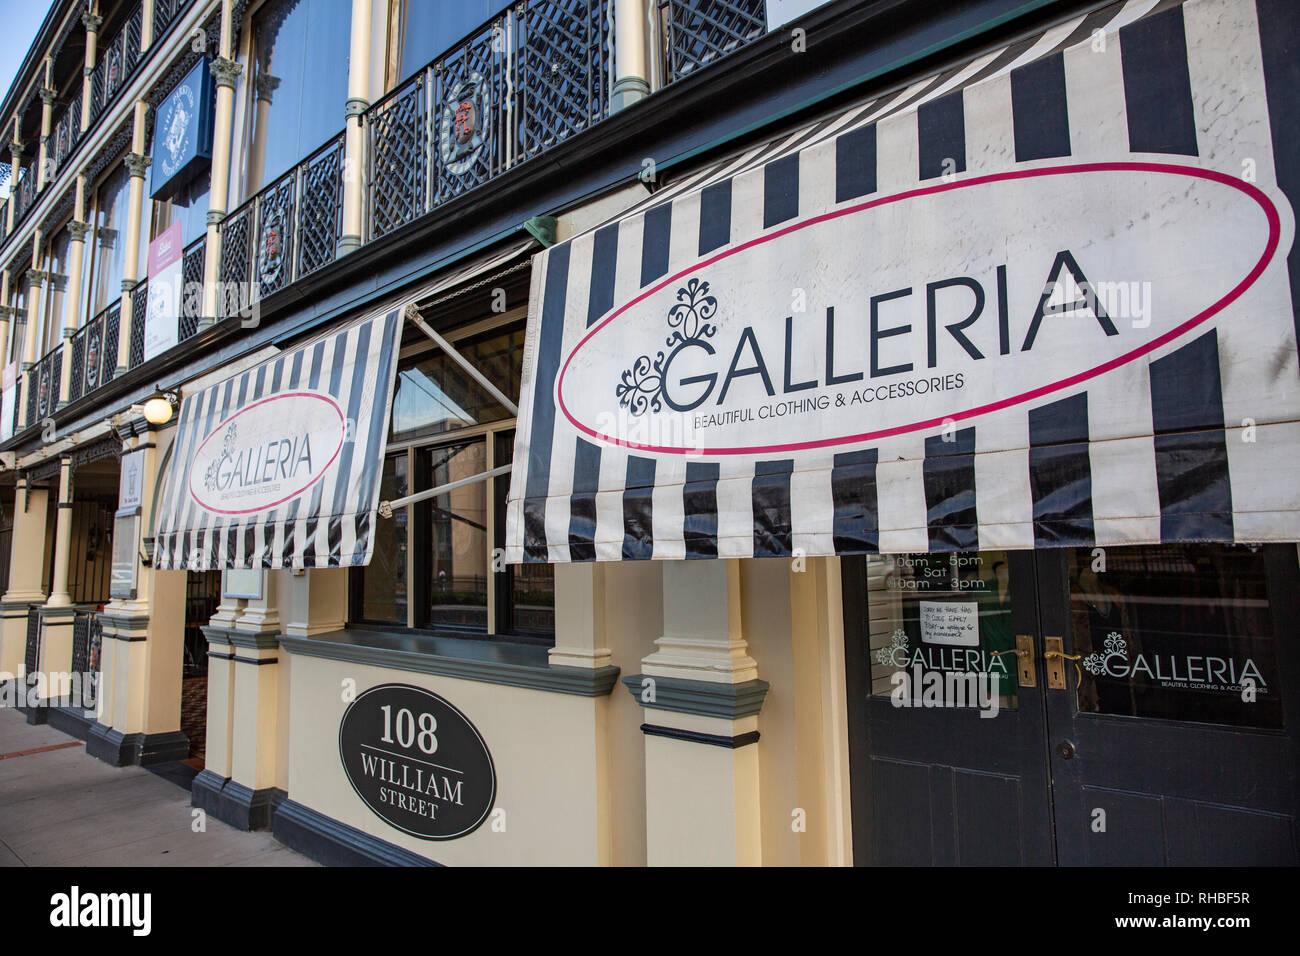 5670f781e6f82 Galleria boutique Vêtements et accessoires en Bathurast régional  centre-ville